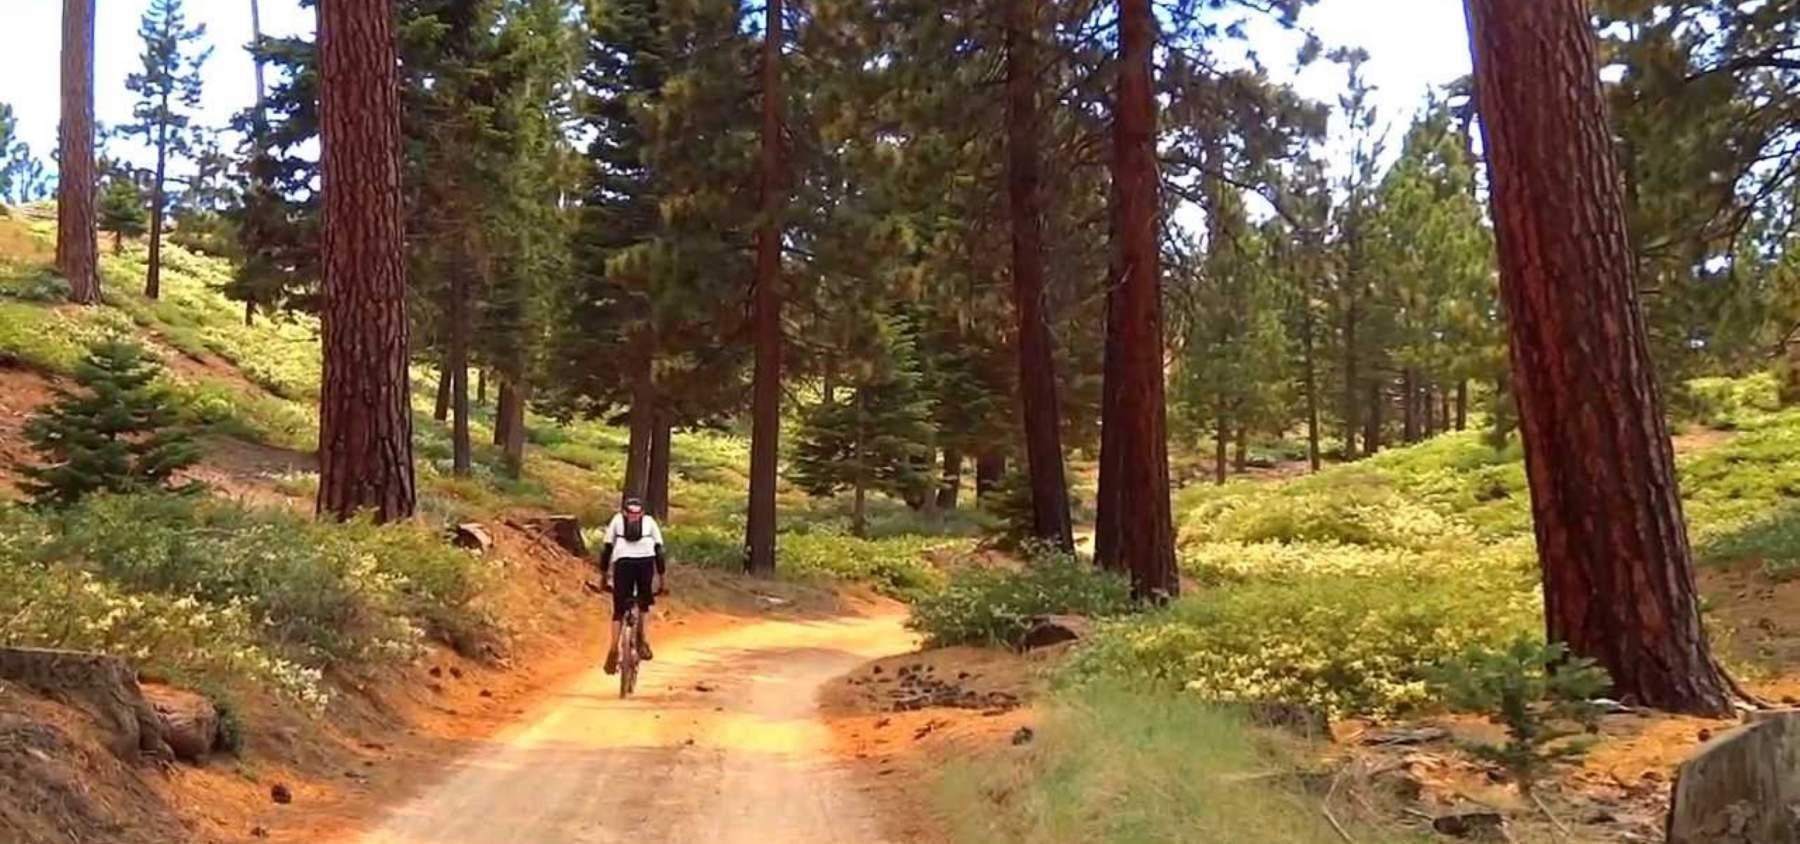 Big Bear Biking